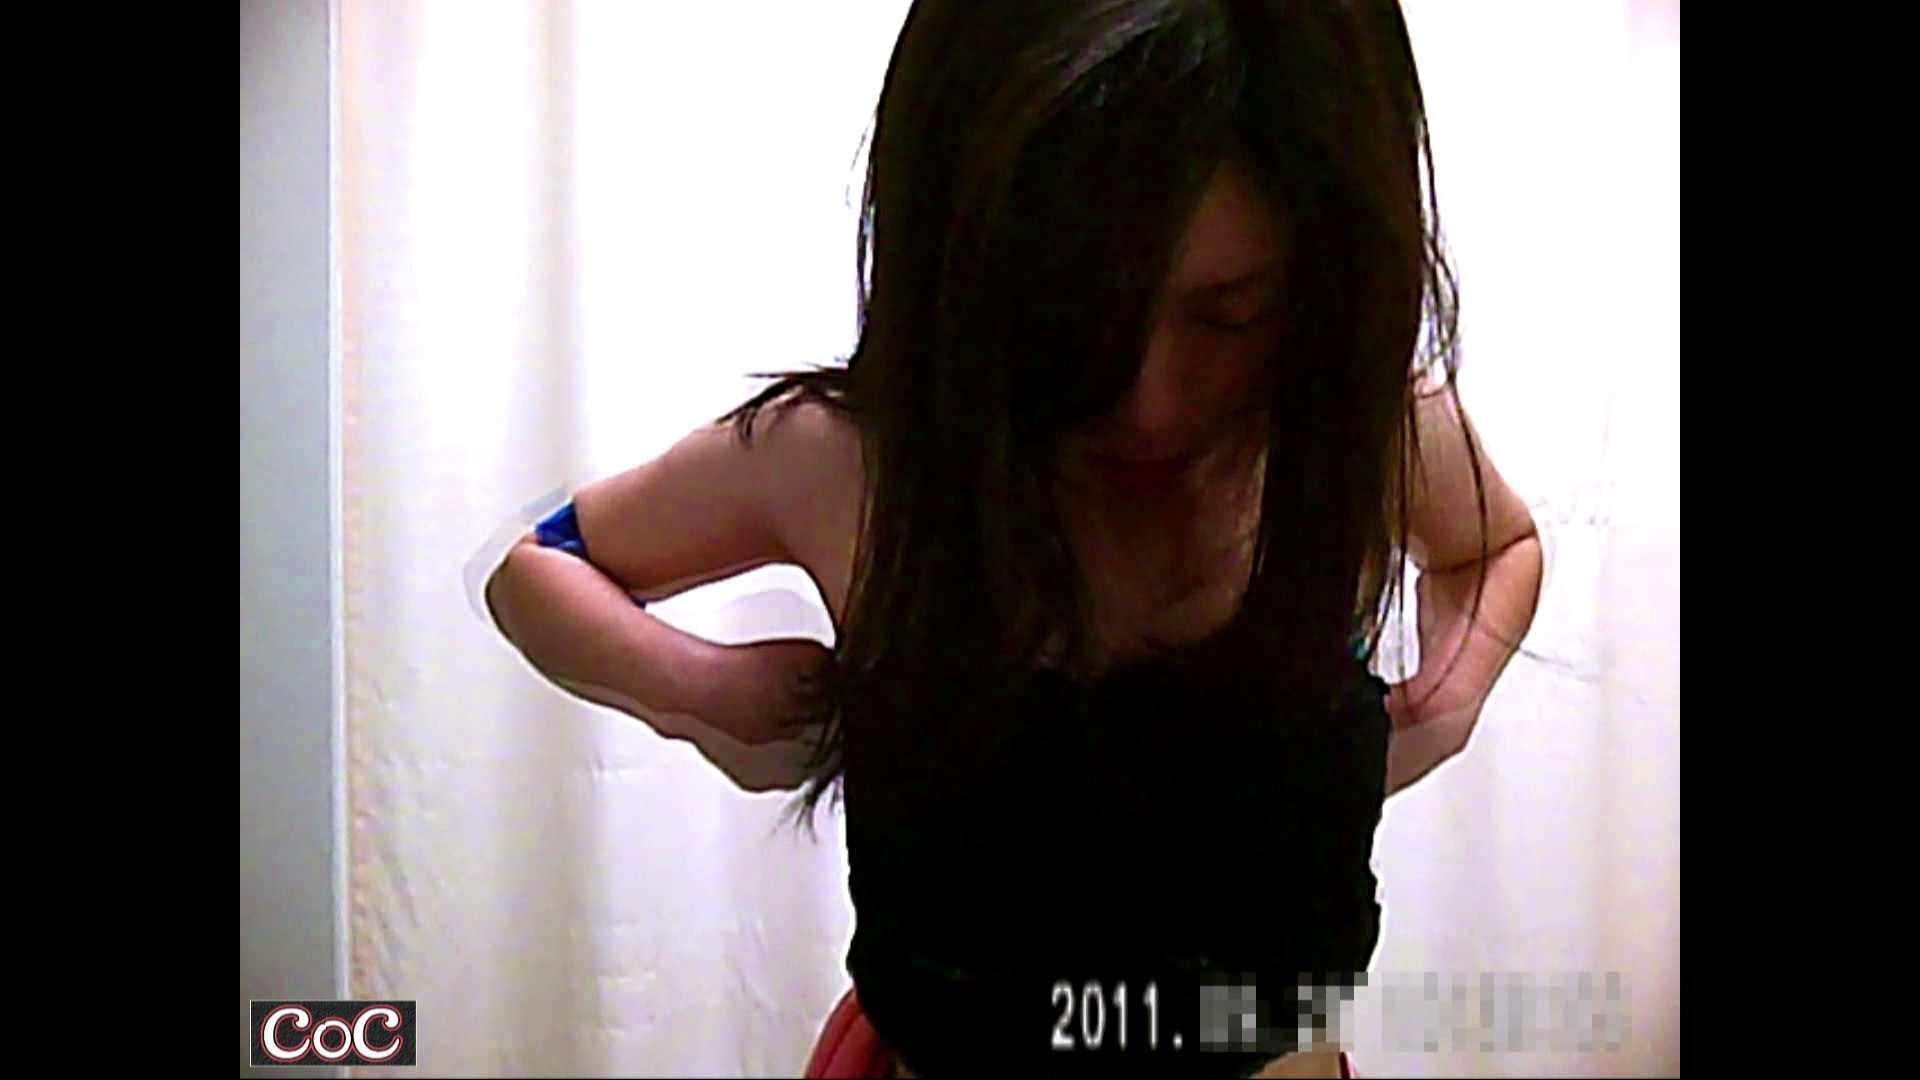 元医者による反抗 更衣室地獄絵巻 vol.255 OL女体   0  99連発 35